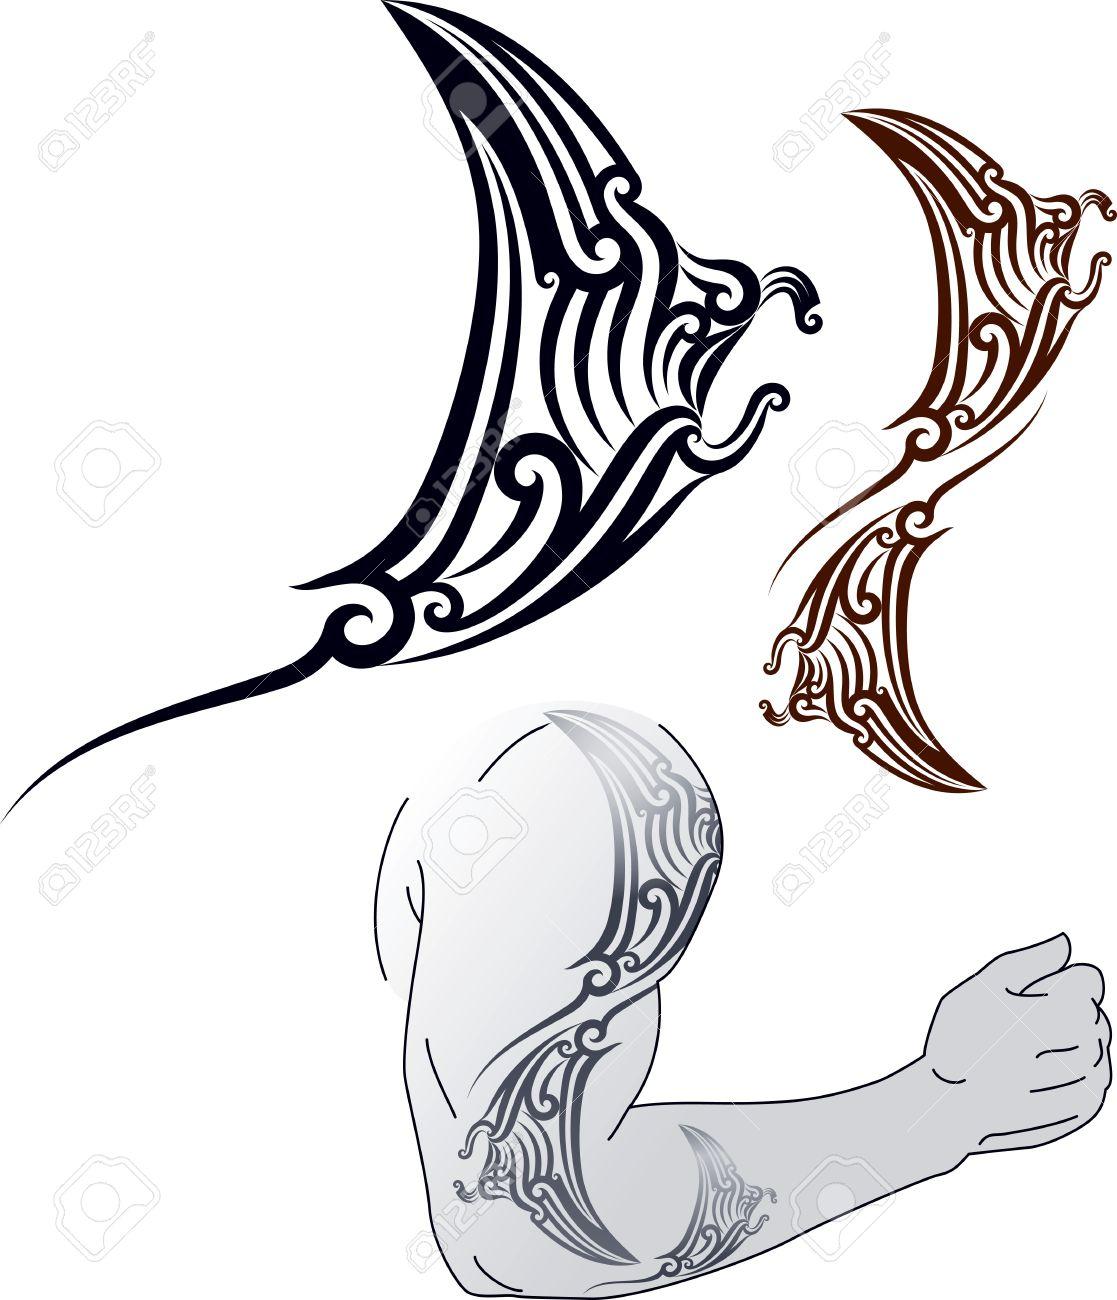 Maori Motif De Tatouage De Style En Forme De Profil Manta Ray Fit